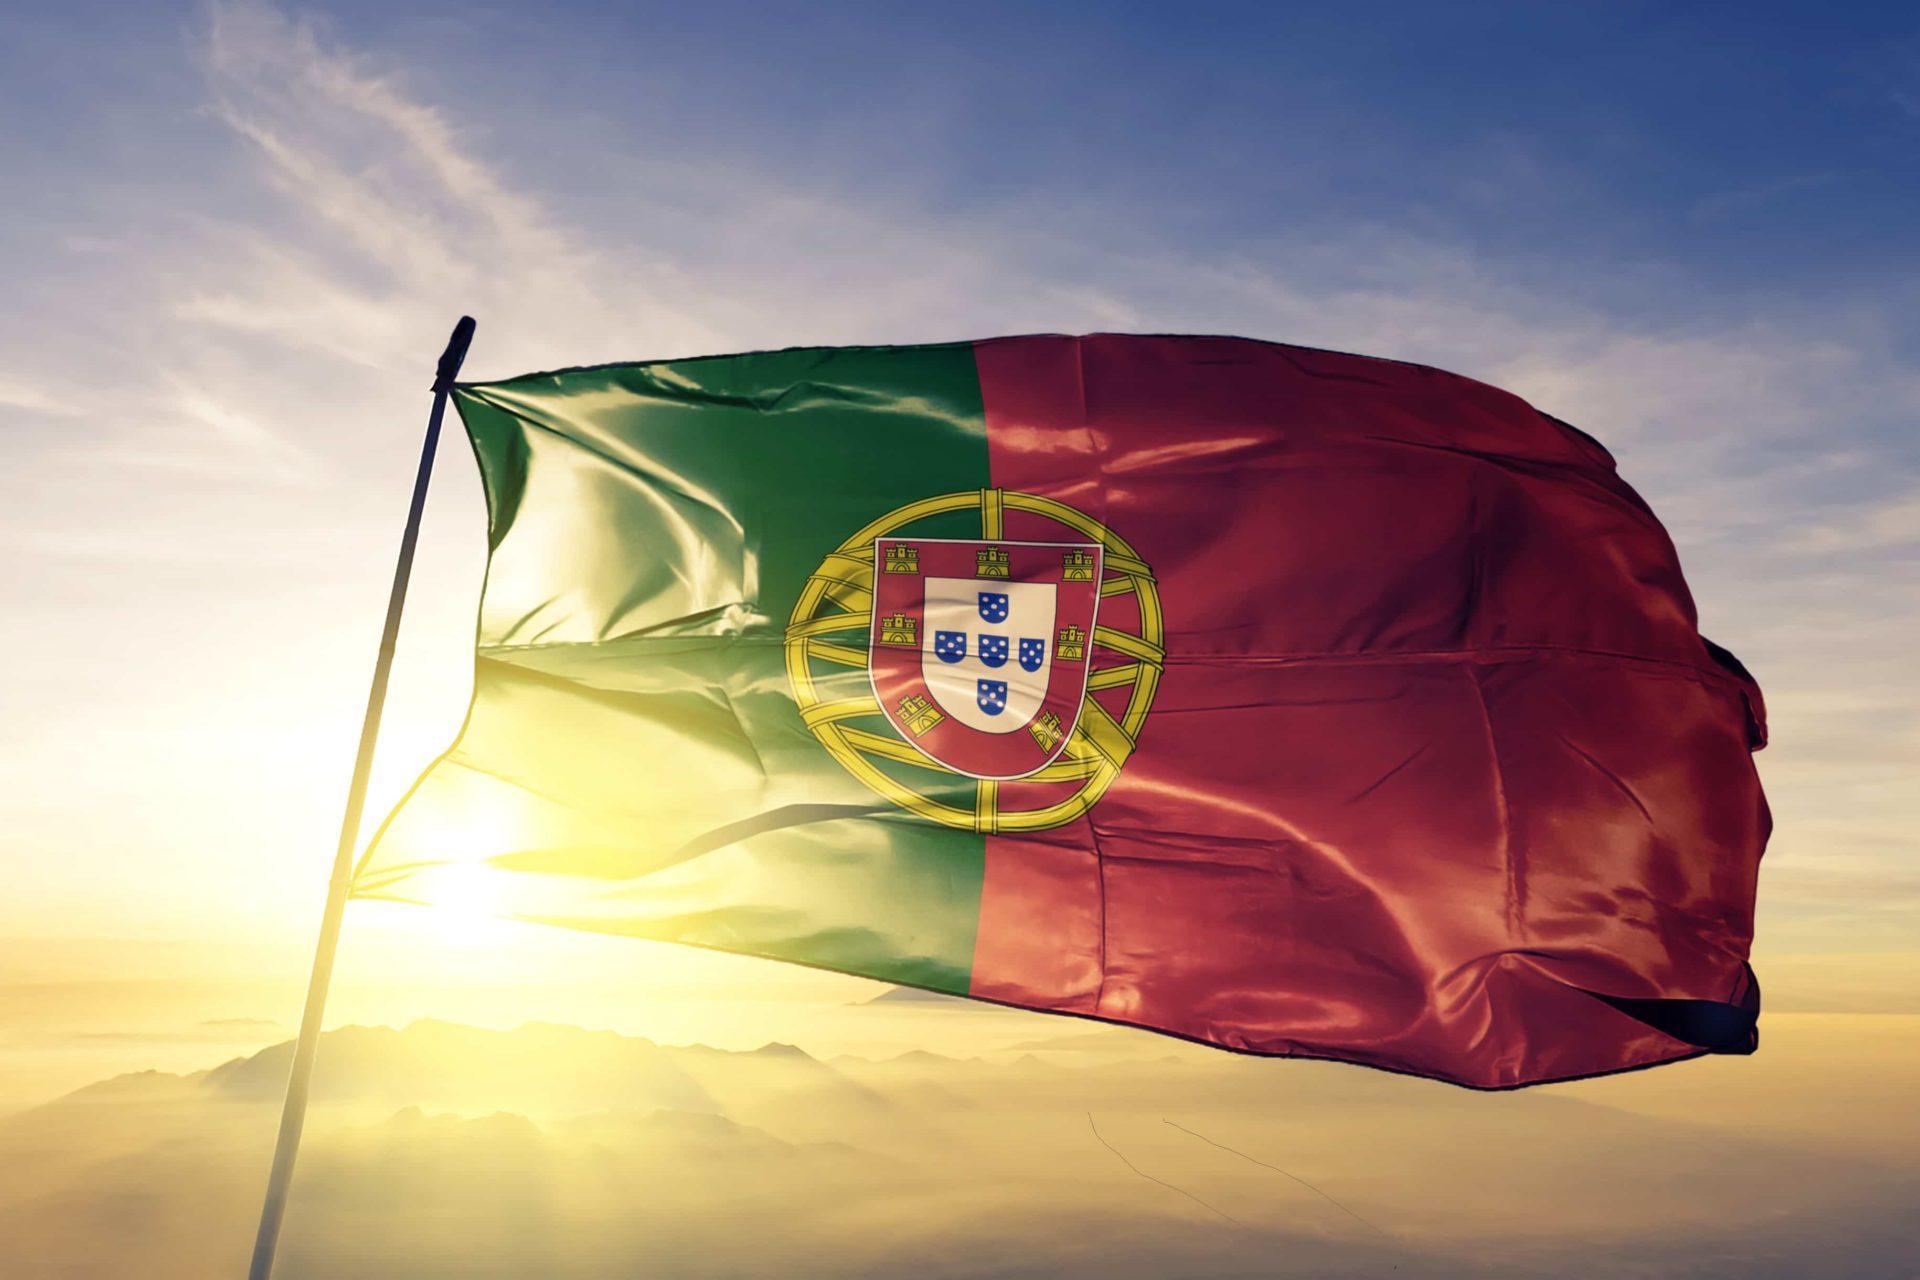 עורך דין דרכון פורטוגלי: האם באמת ניתן להסתדר בלעדיו?